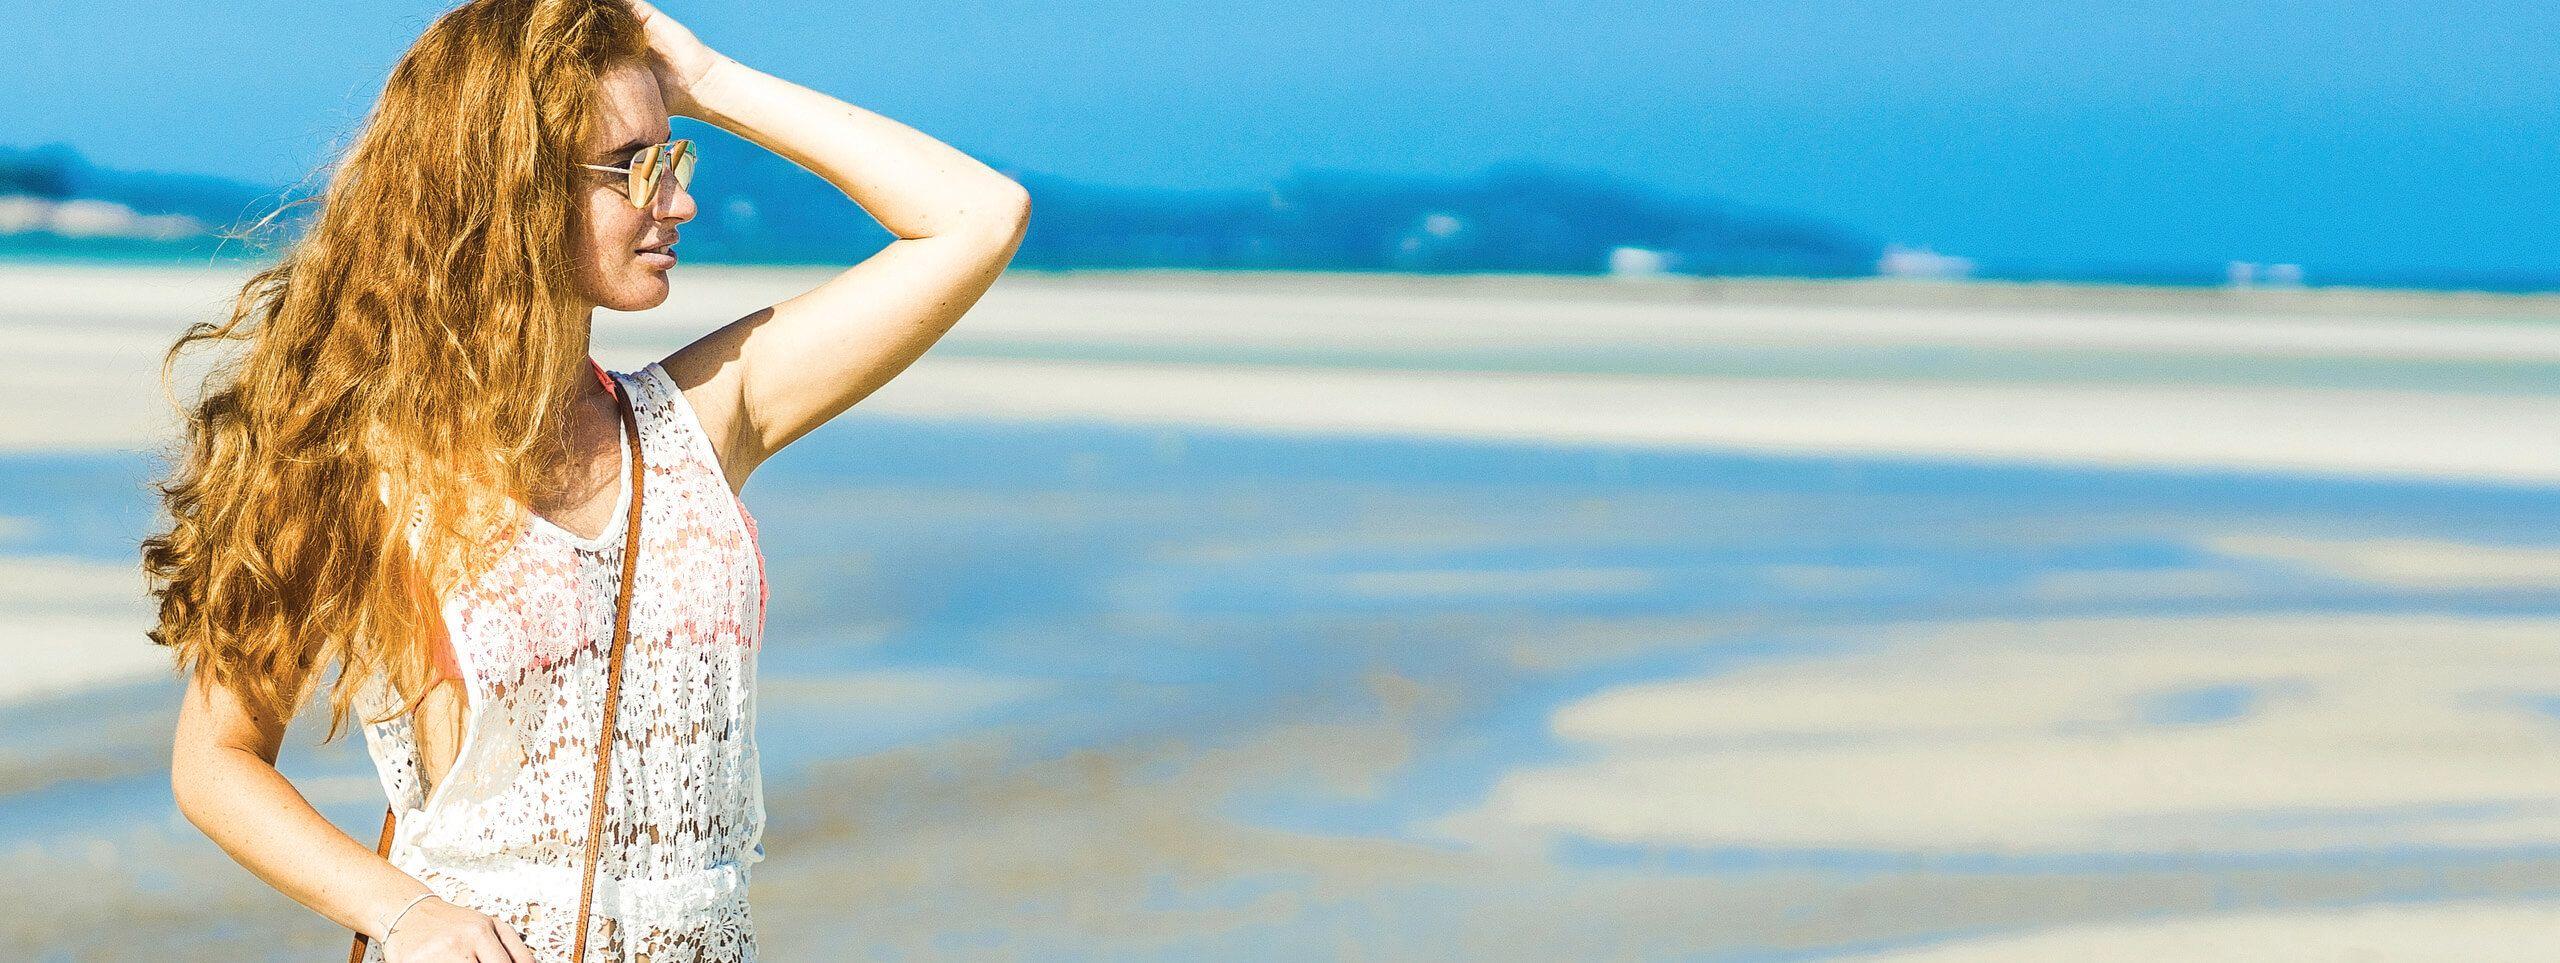 Ragazza sulla spiaggia con capelli beach waves